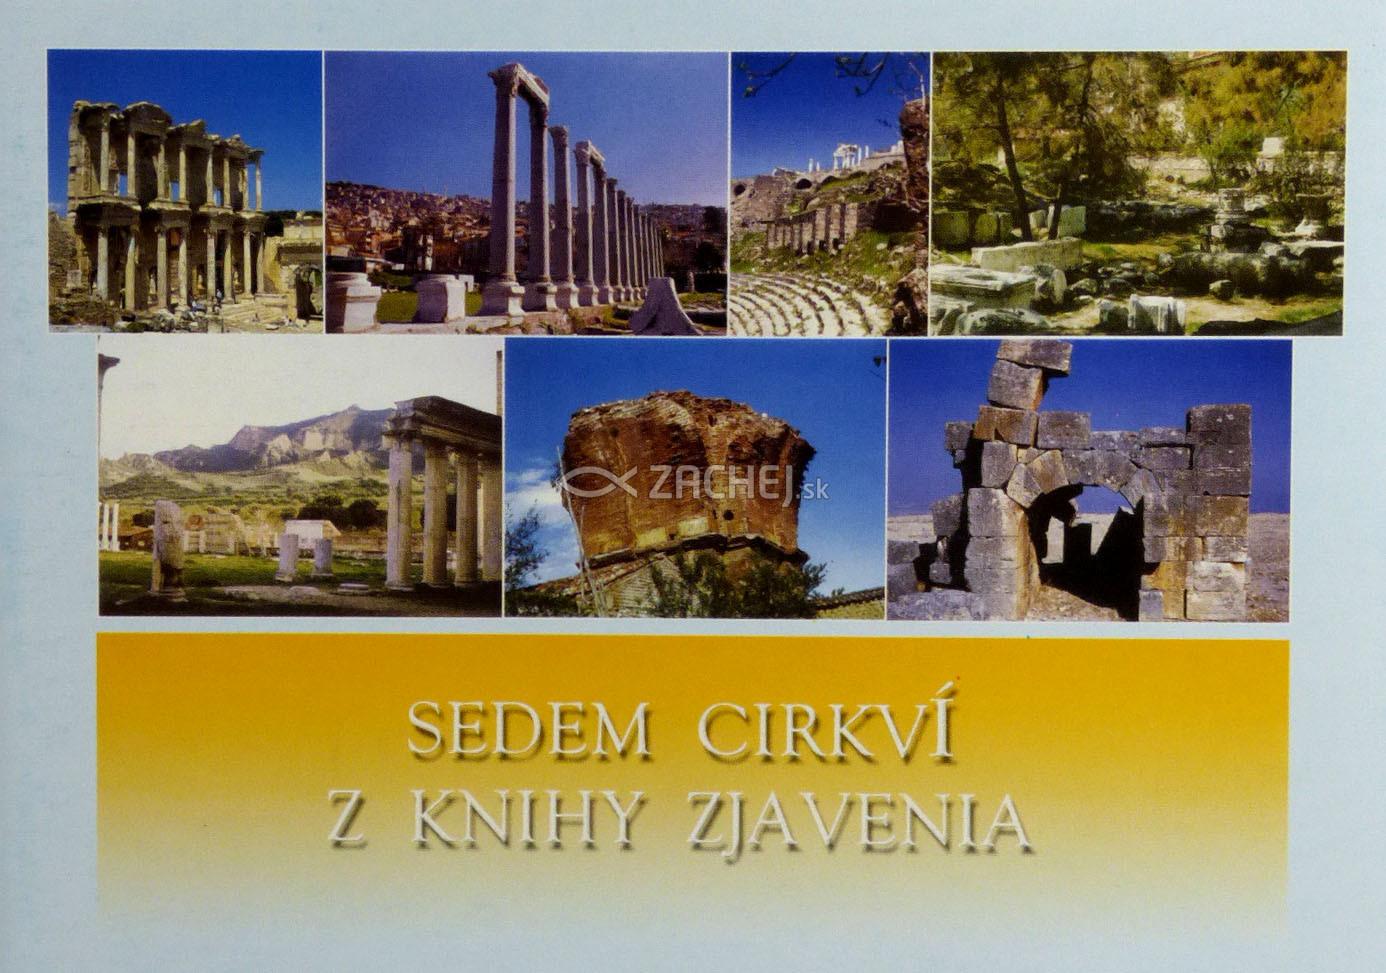 Sedem cirkví z knihy Zjavenia